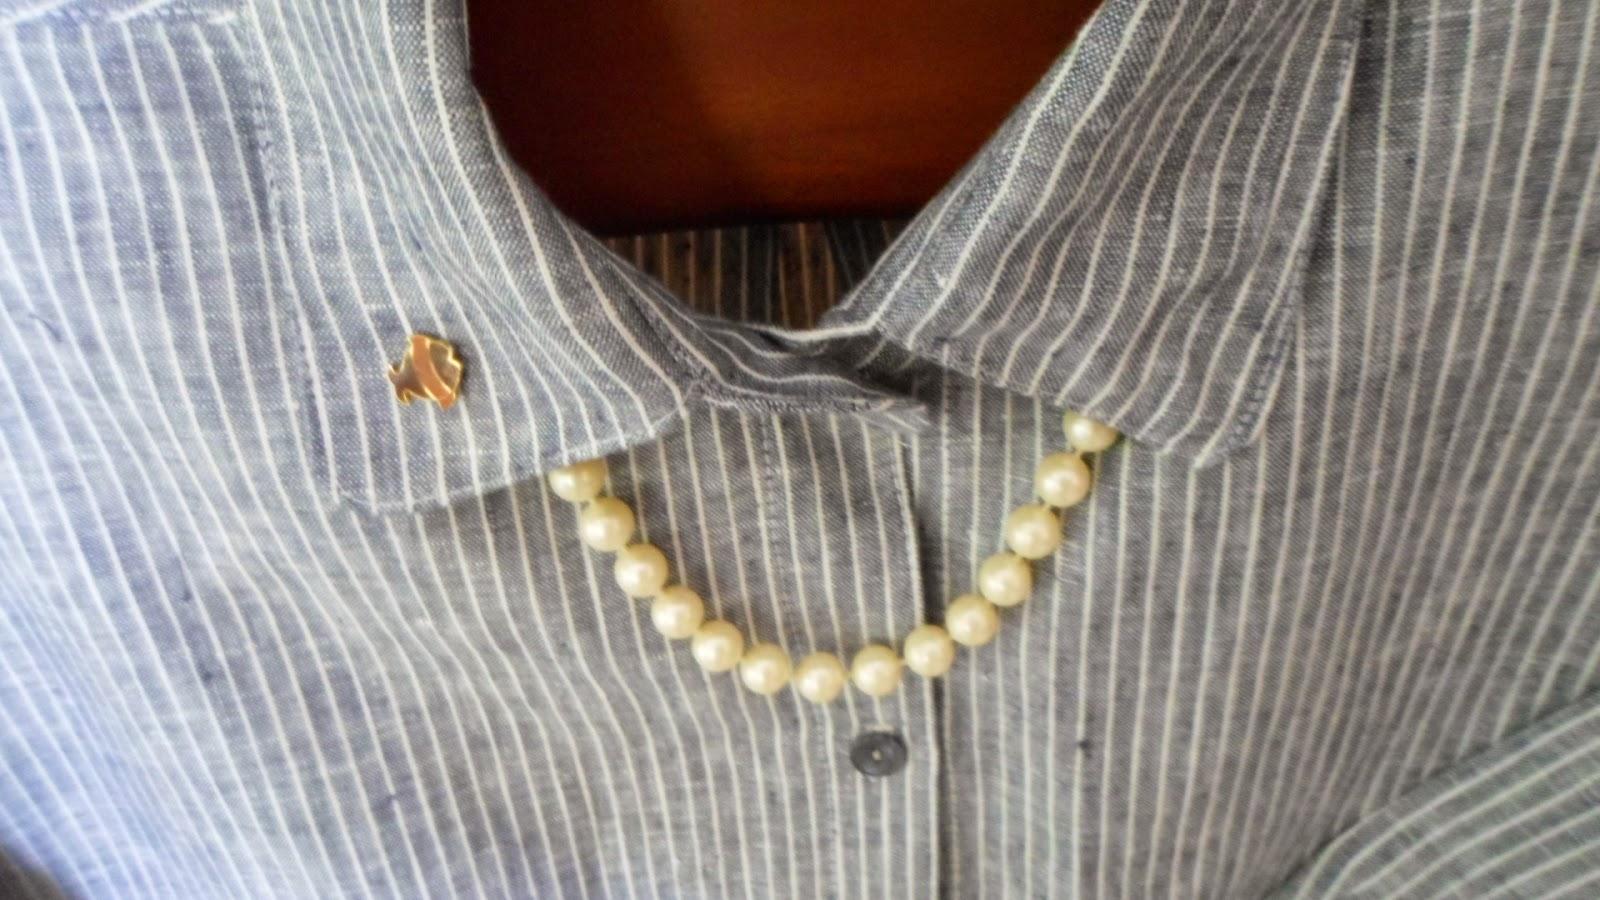 imagenes de camisas para dama - imagenes de camisas | Camisas de Mujer Blusas Mujer La última moda en tu